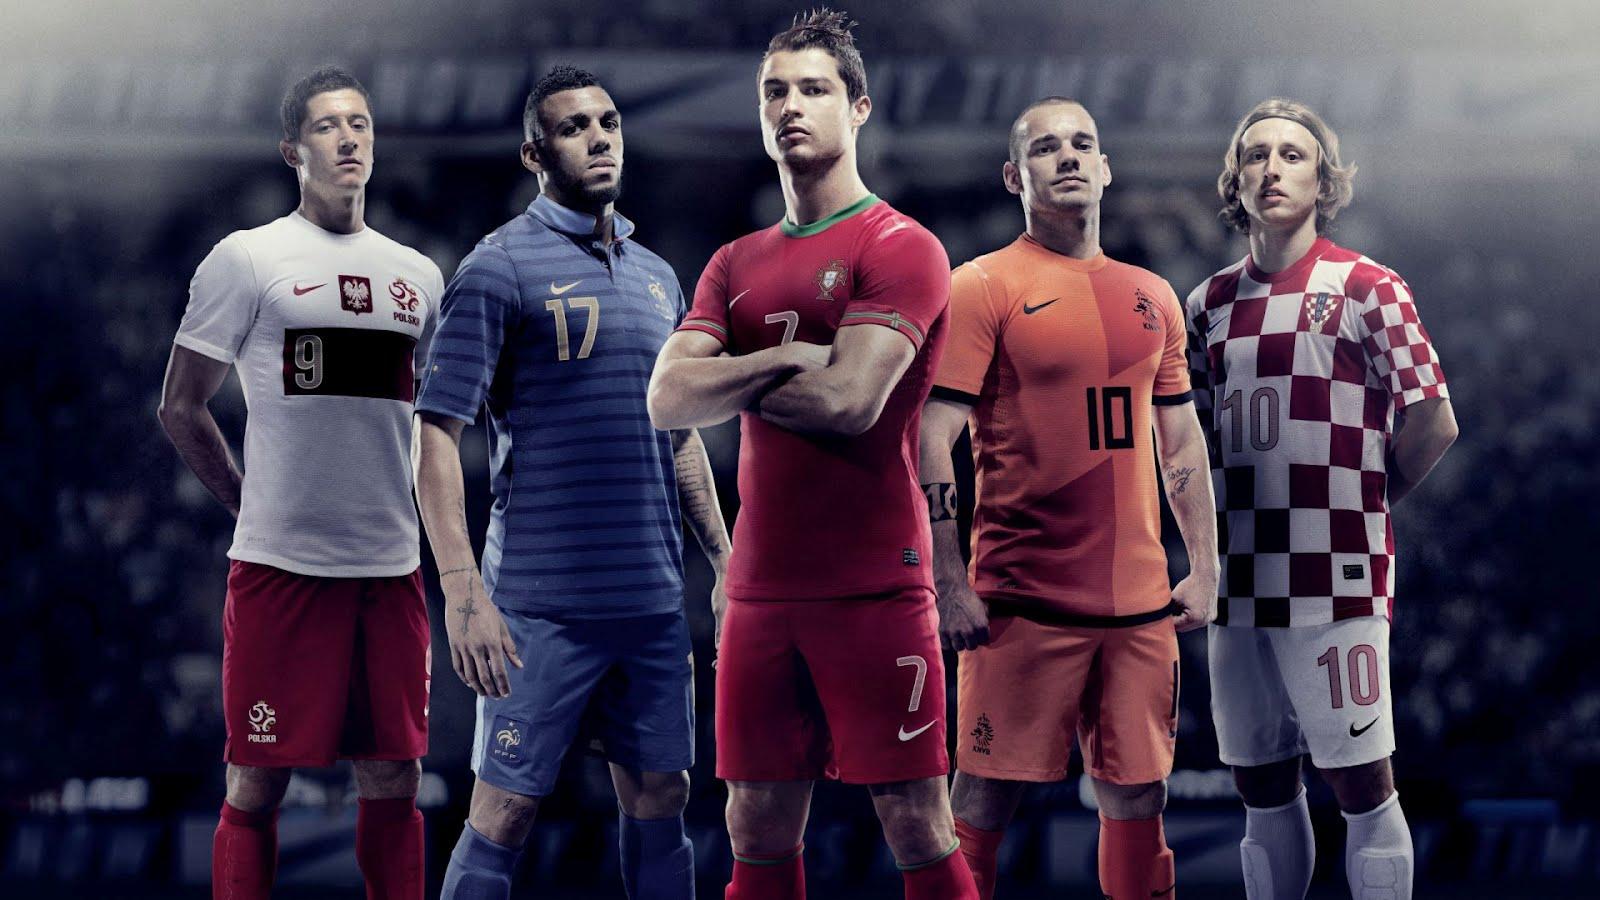 Fondo de pantalla con jugadores de futbol